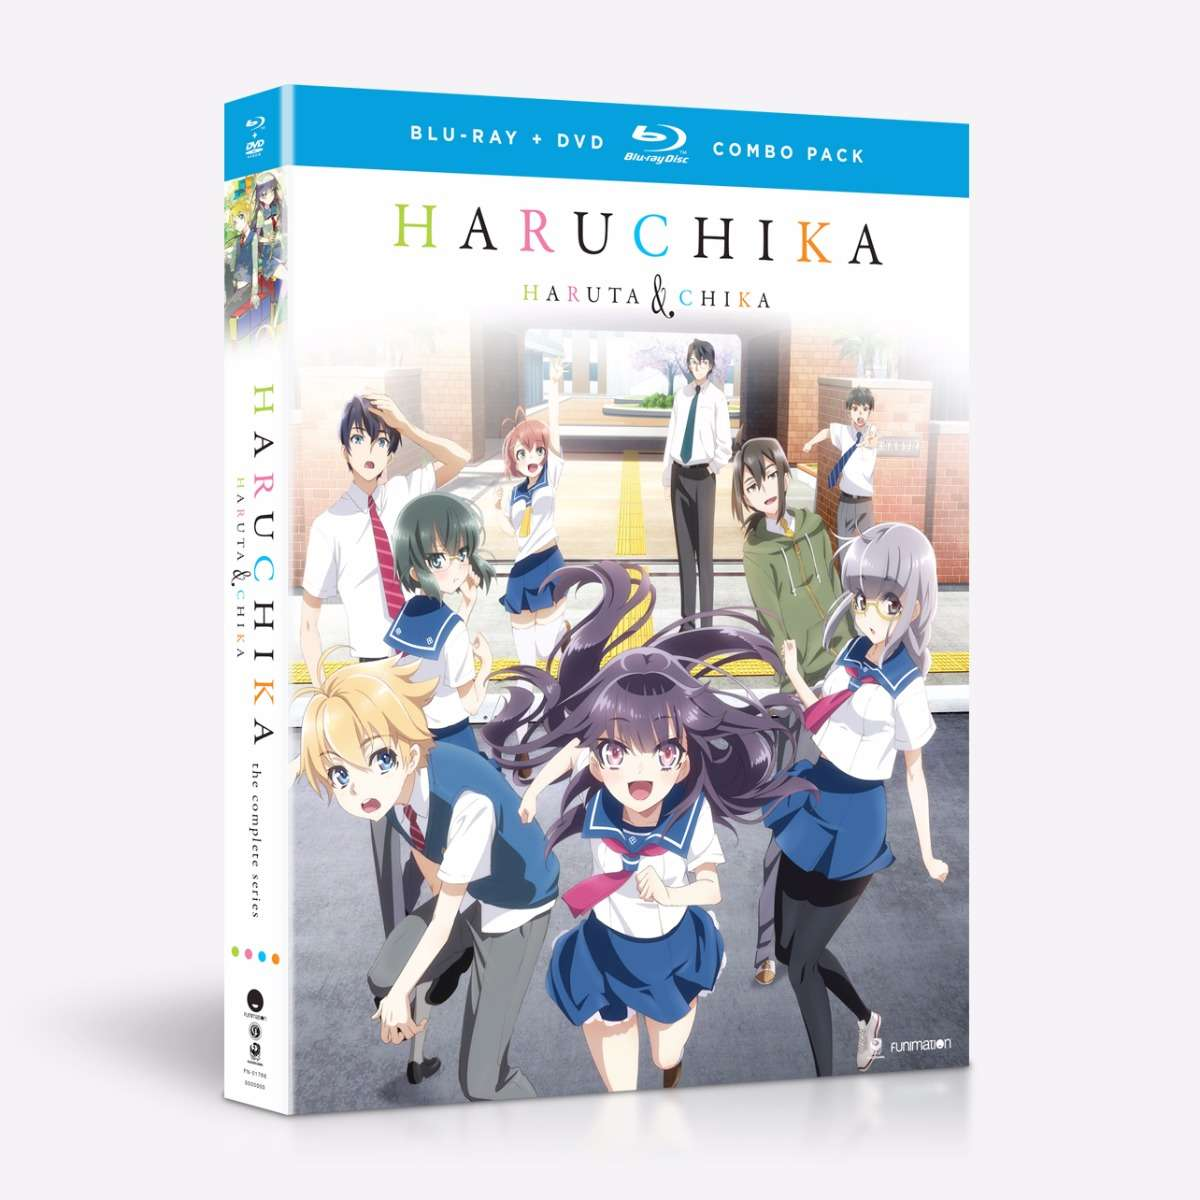 Haruchika Blu-ray/DVD